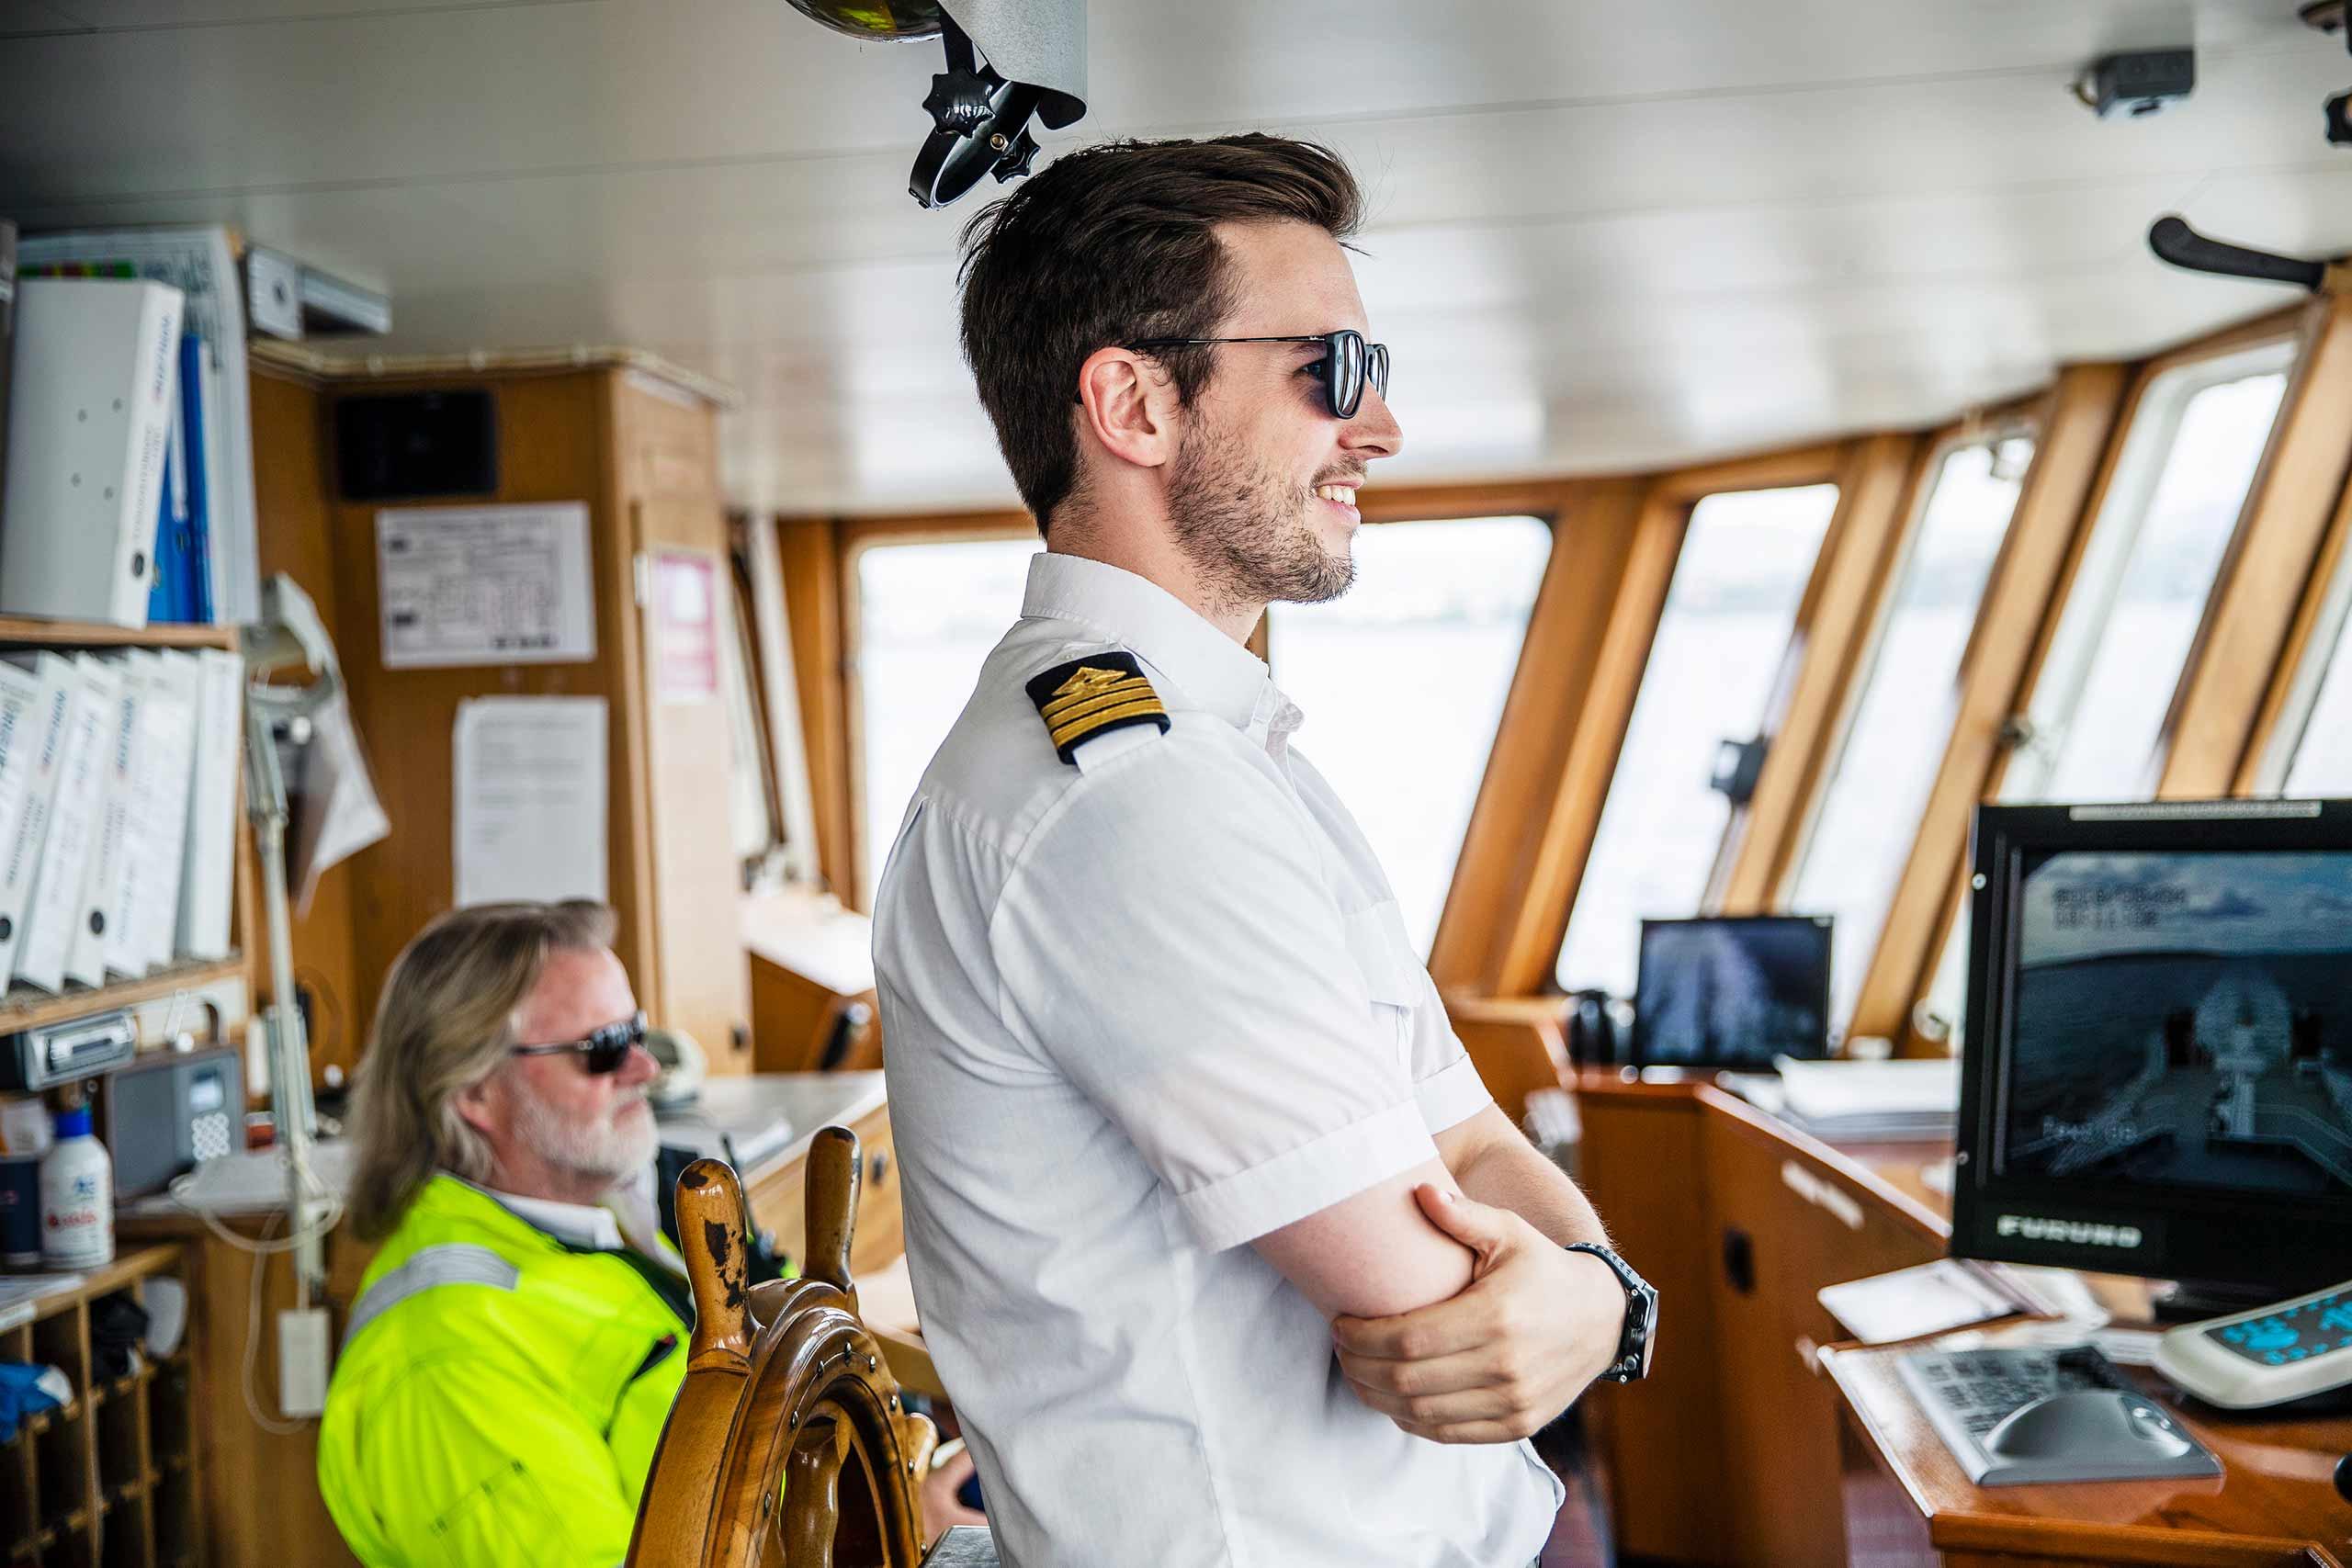 Bilde av kaptein på Ruter båt